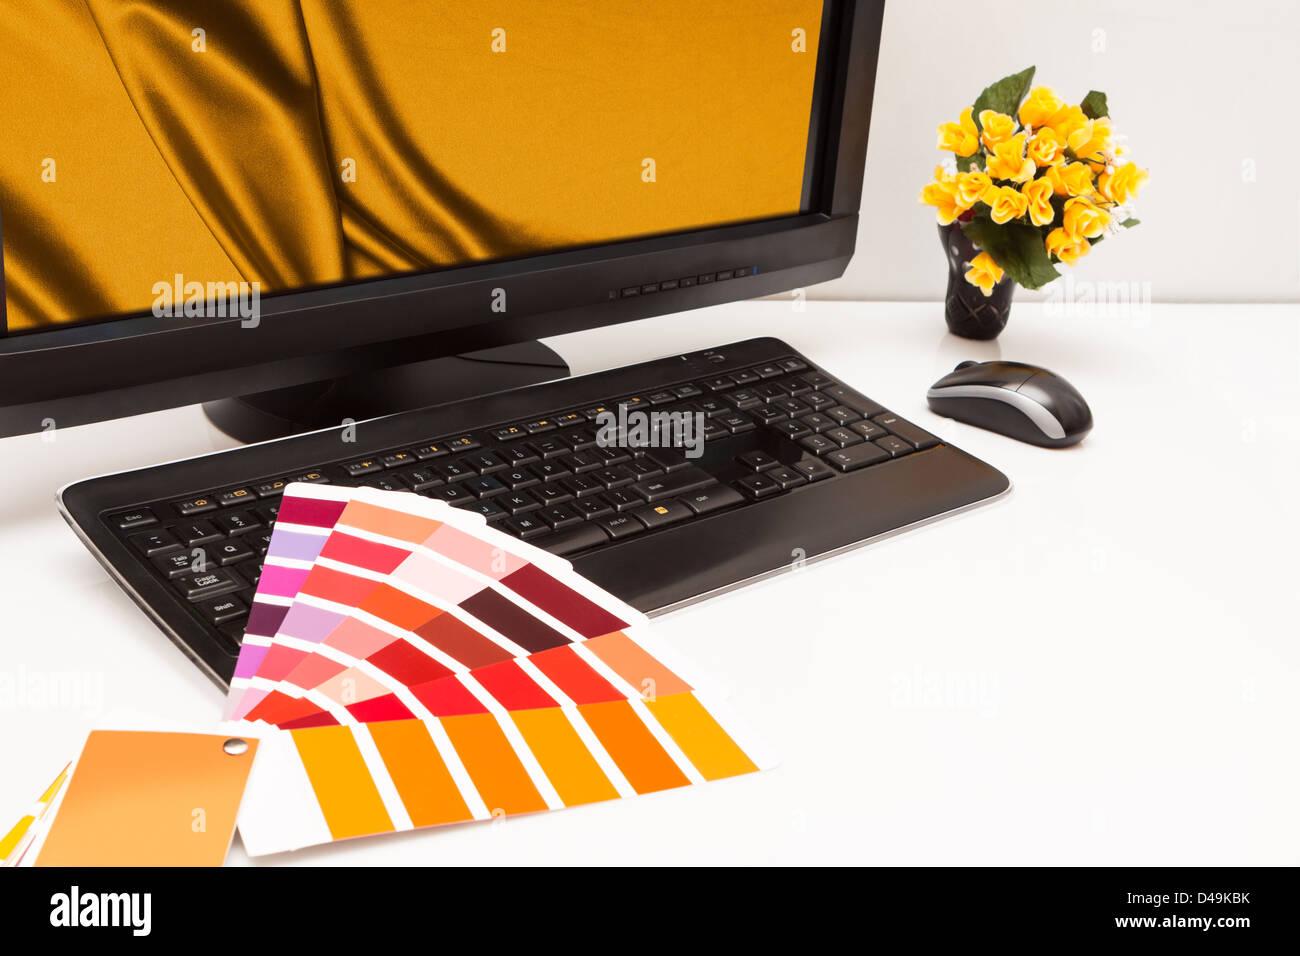 Diseñador gráfico en el trabajo. Las muestras de color. Marrón, amarillo imágenes Imagen De Stock